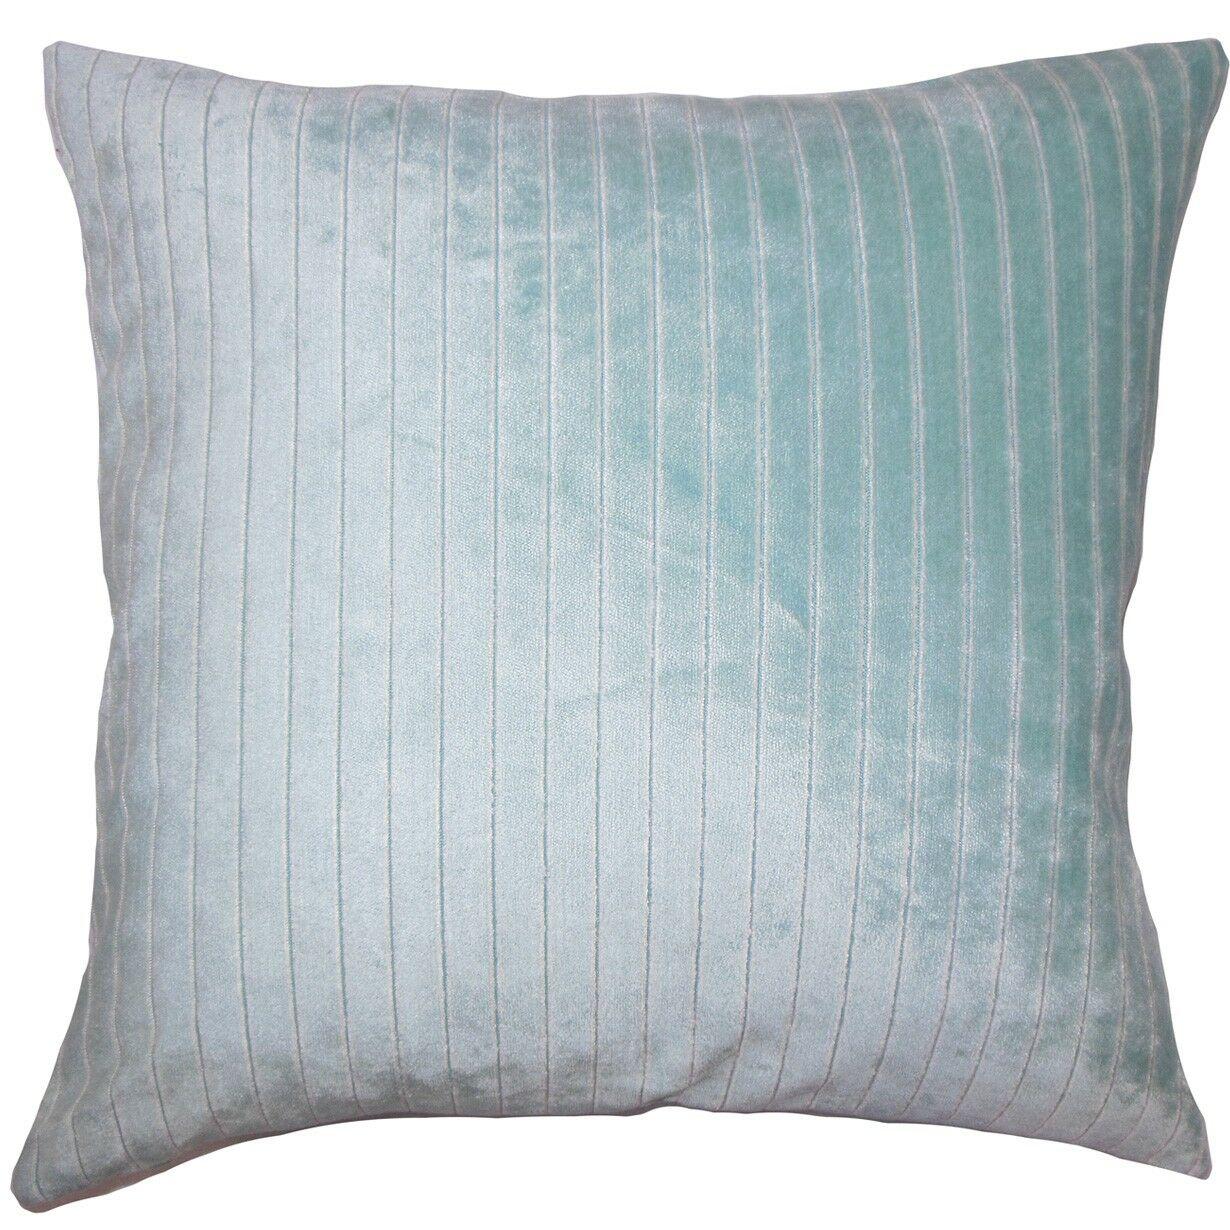 Wanbli Striped Throw Pillow Size: 22